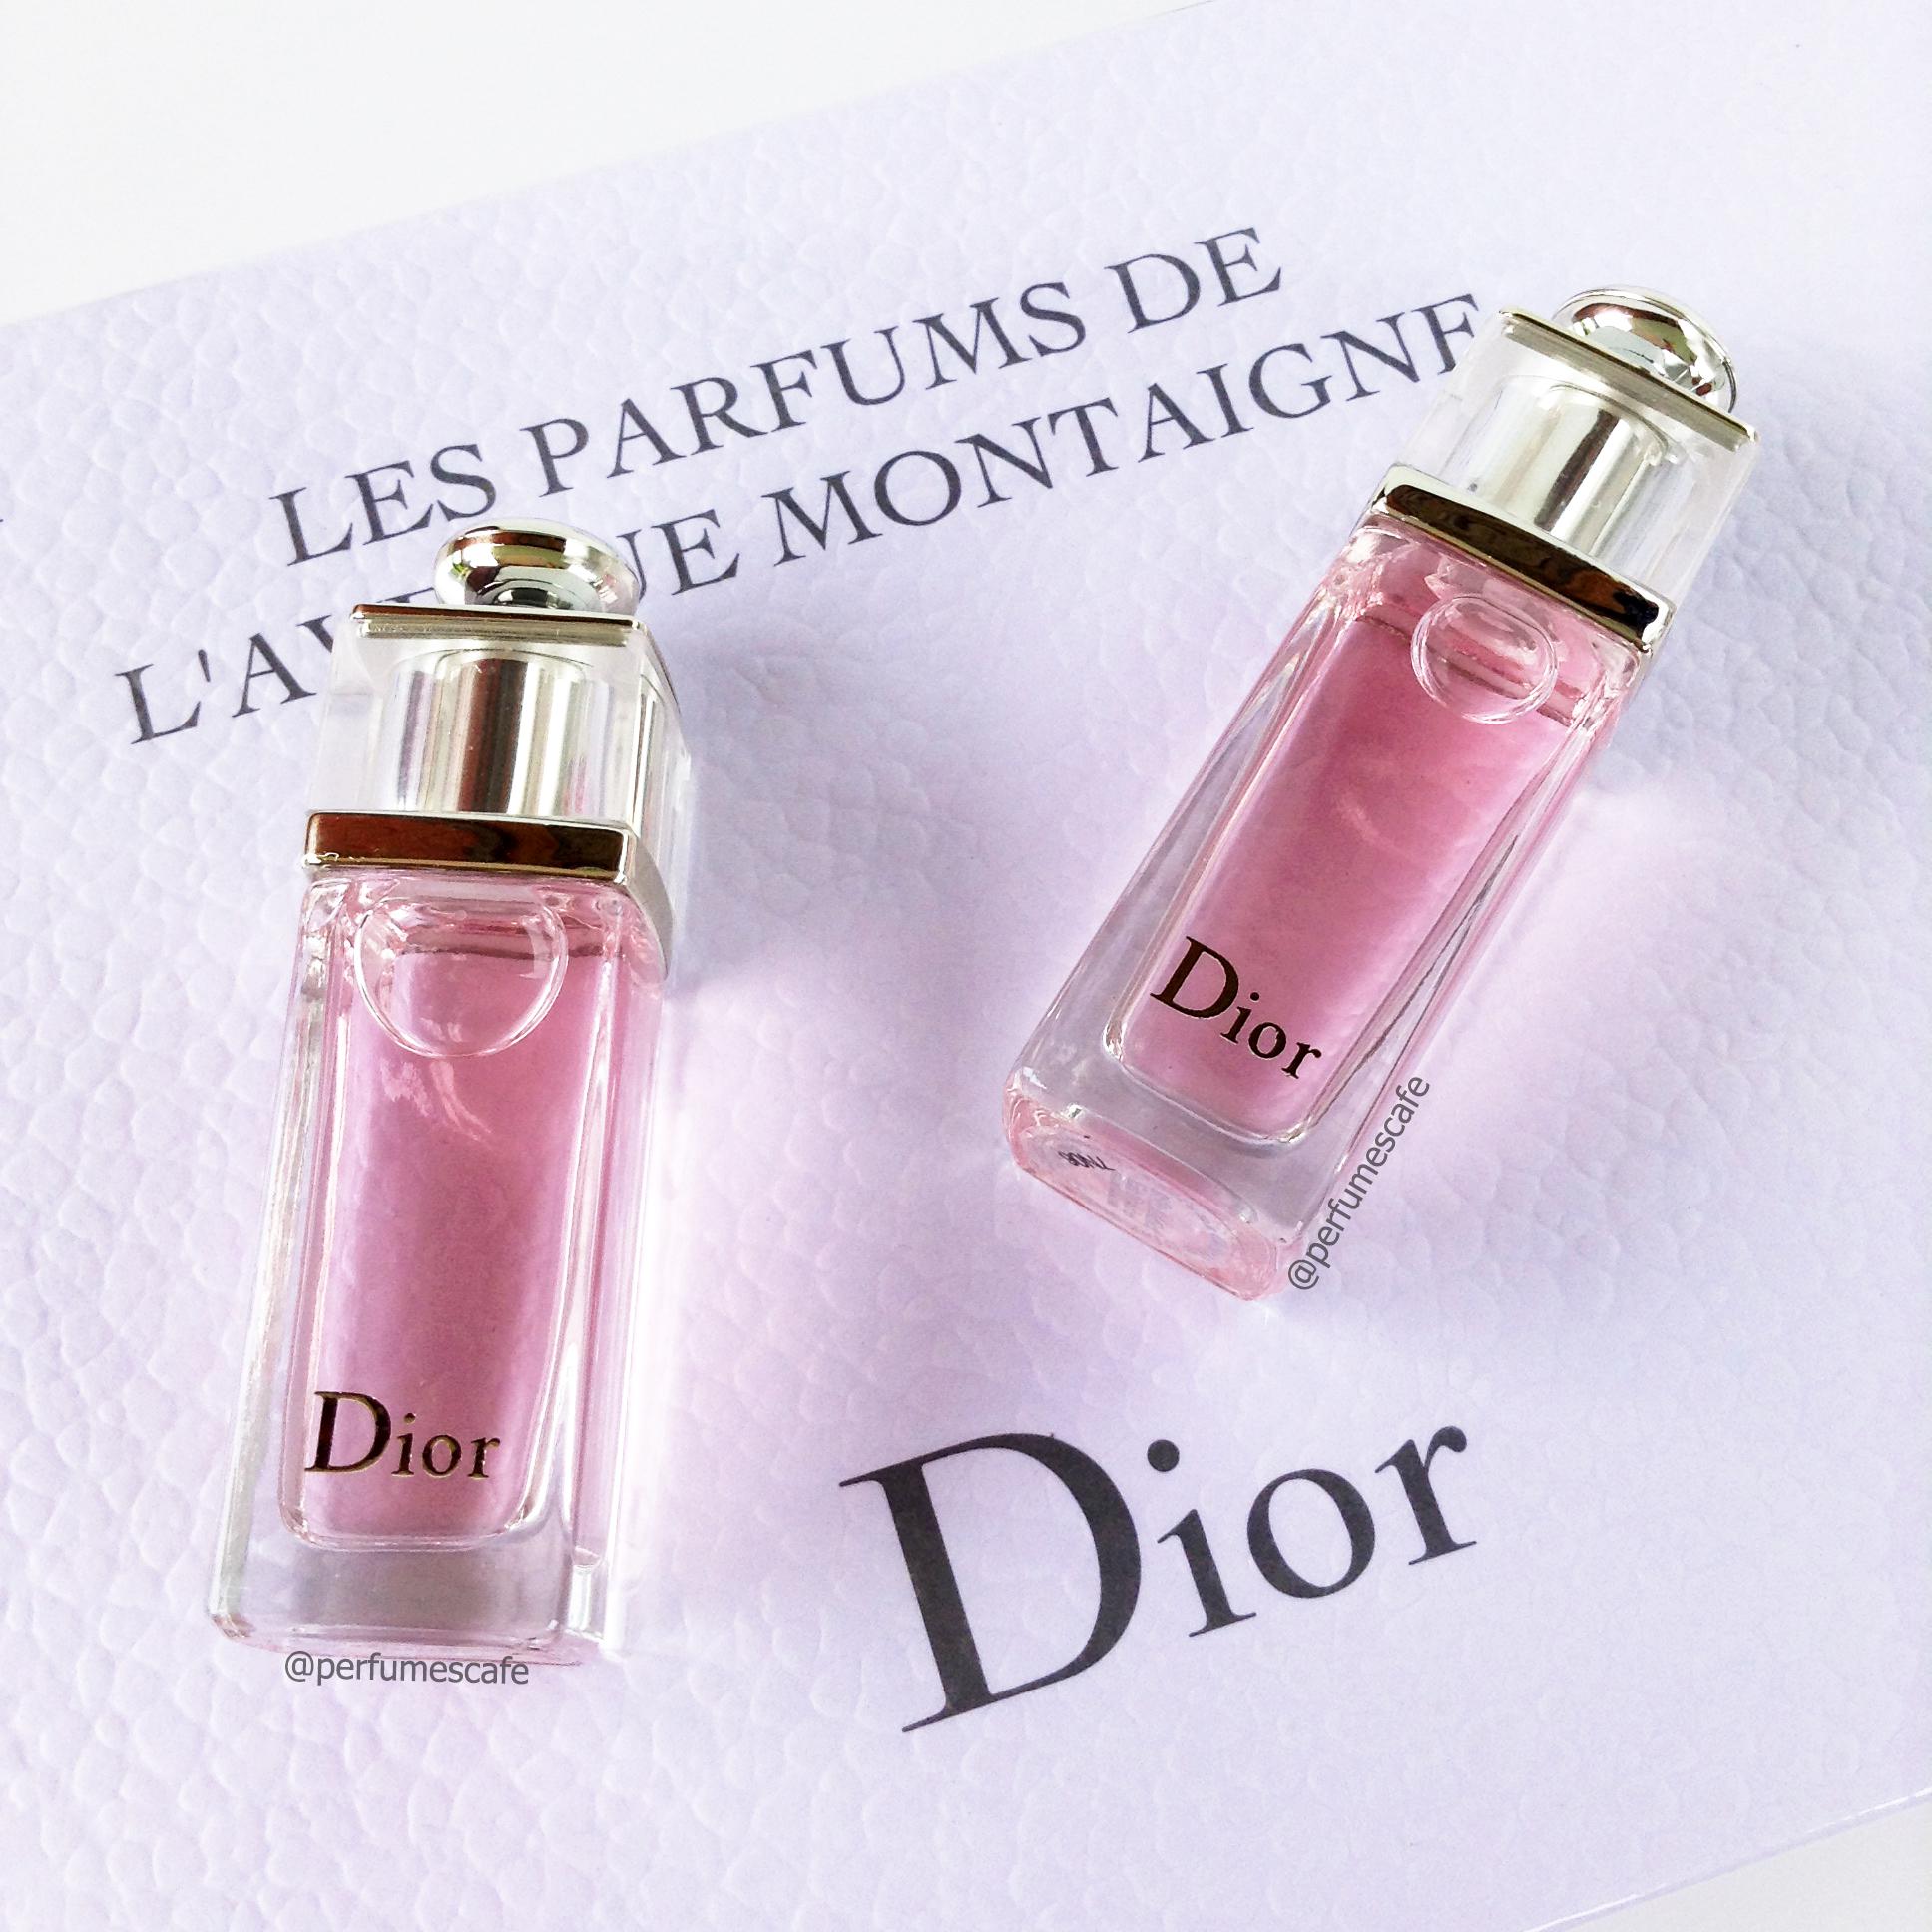 น้ำหอม Dior Addict Eau Fraiche Eau de Toilette ขนาด 5ml แบบแต้ม (ไม่มีกล่อง)